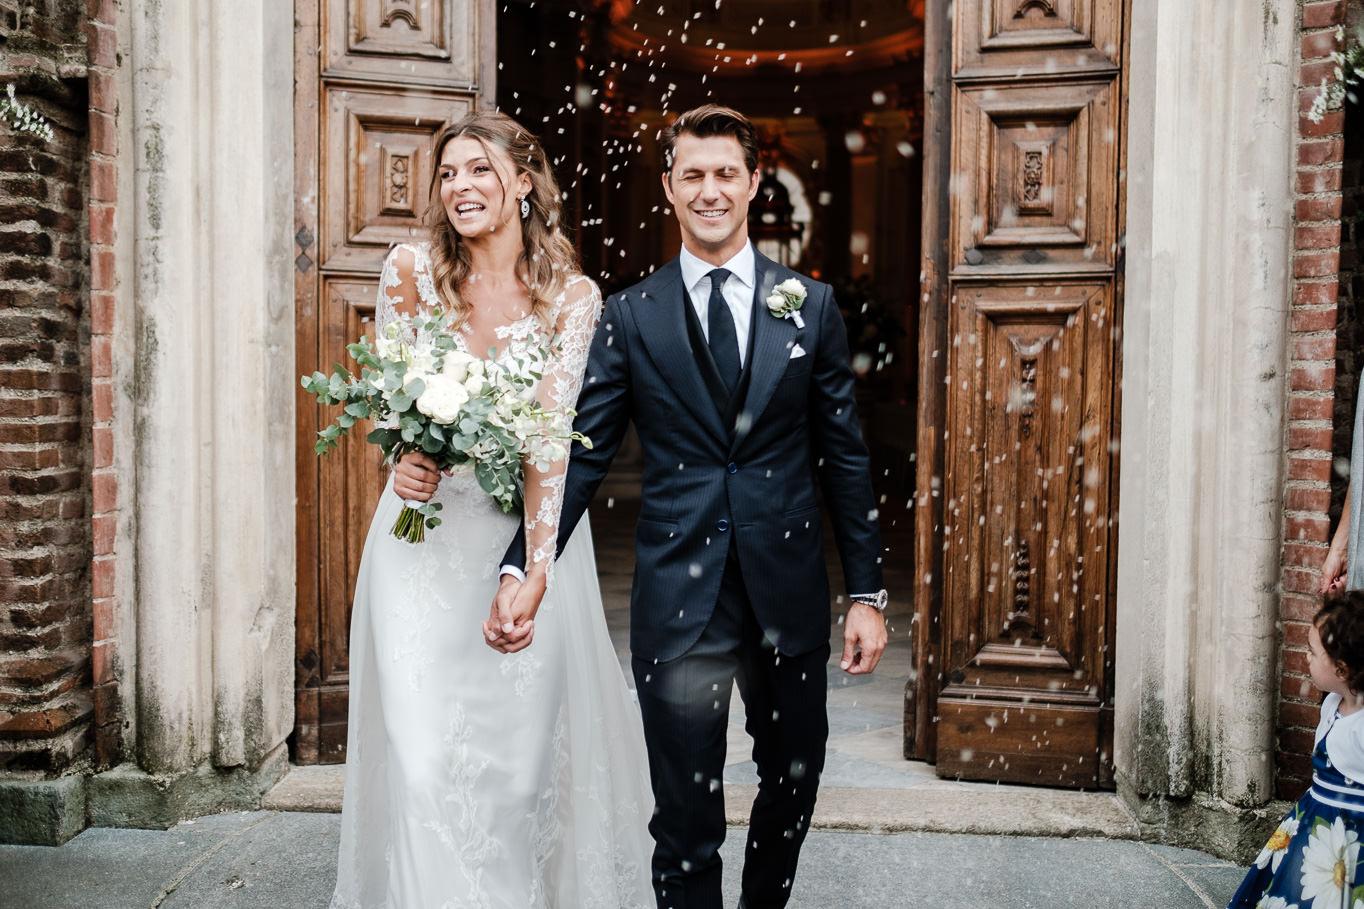 groom bride happy ceremony